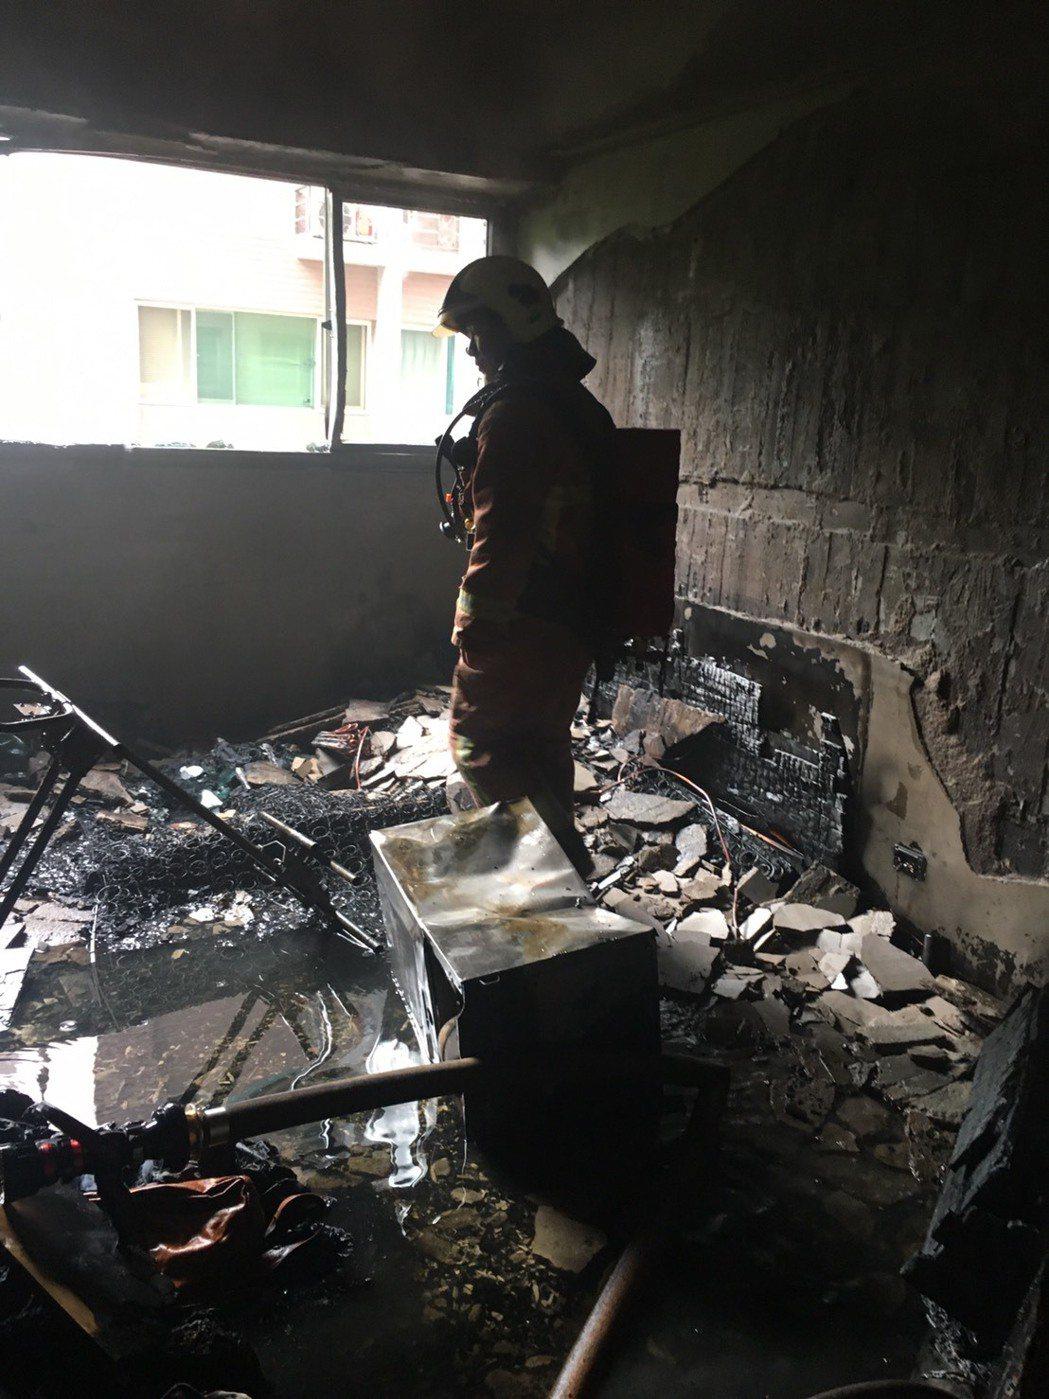 失火的住戶屋內付之一炬。 記者林昭彰/翻攝